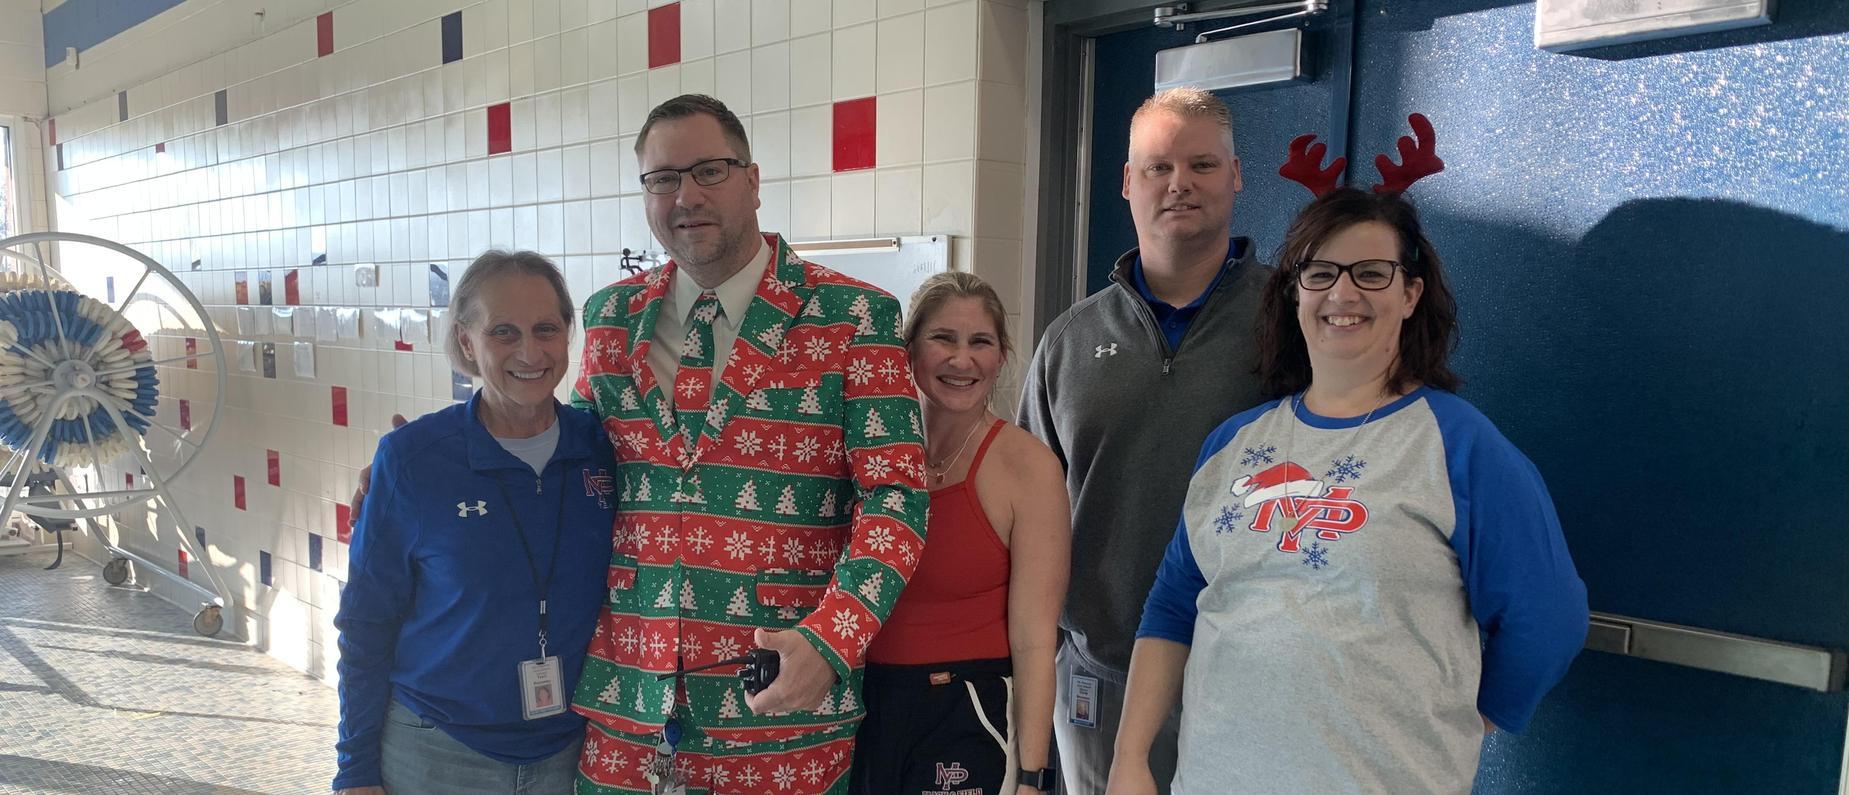 Christmas employees